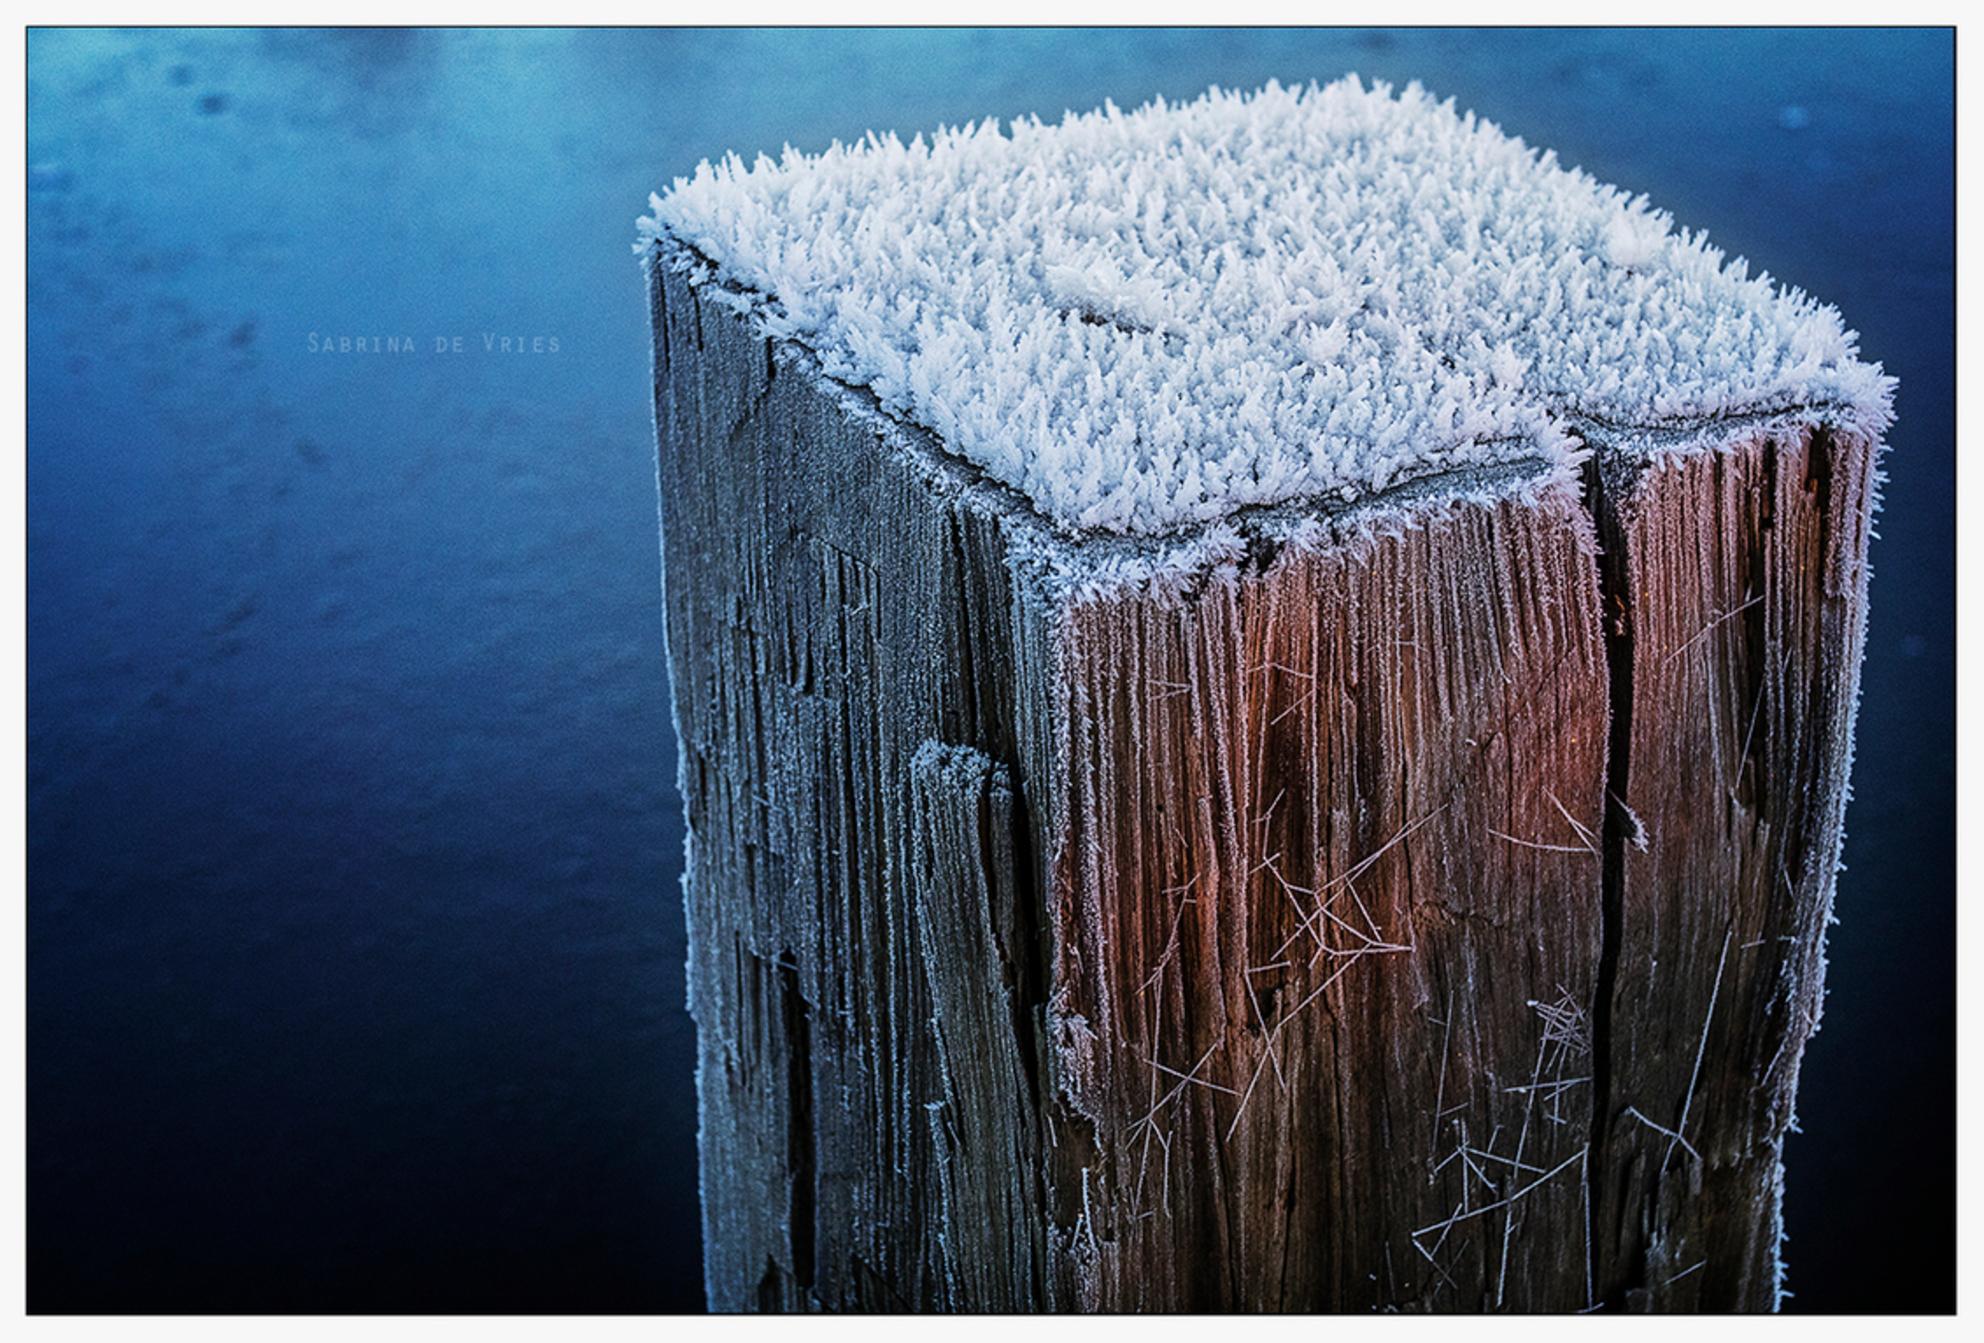 Winterse details - 6-12-2016 - foto door ReflectionsFromWithin op 07-12-2016 - deze foto bevat: kleur, macro, wit, water, rijp, winter, sloot, spinrag, hout, spinnenweb, bevroren, closeup, december, najaar, paaltje, winters, vrieskou, macrofotografie - Deze foto mag gebruikt worden in een Zoom.nl publicatie